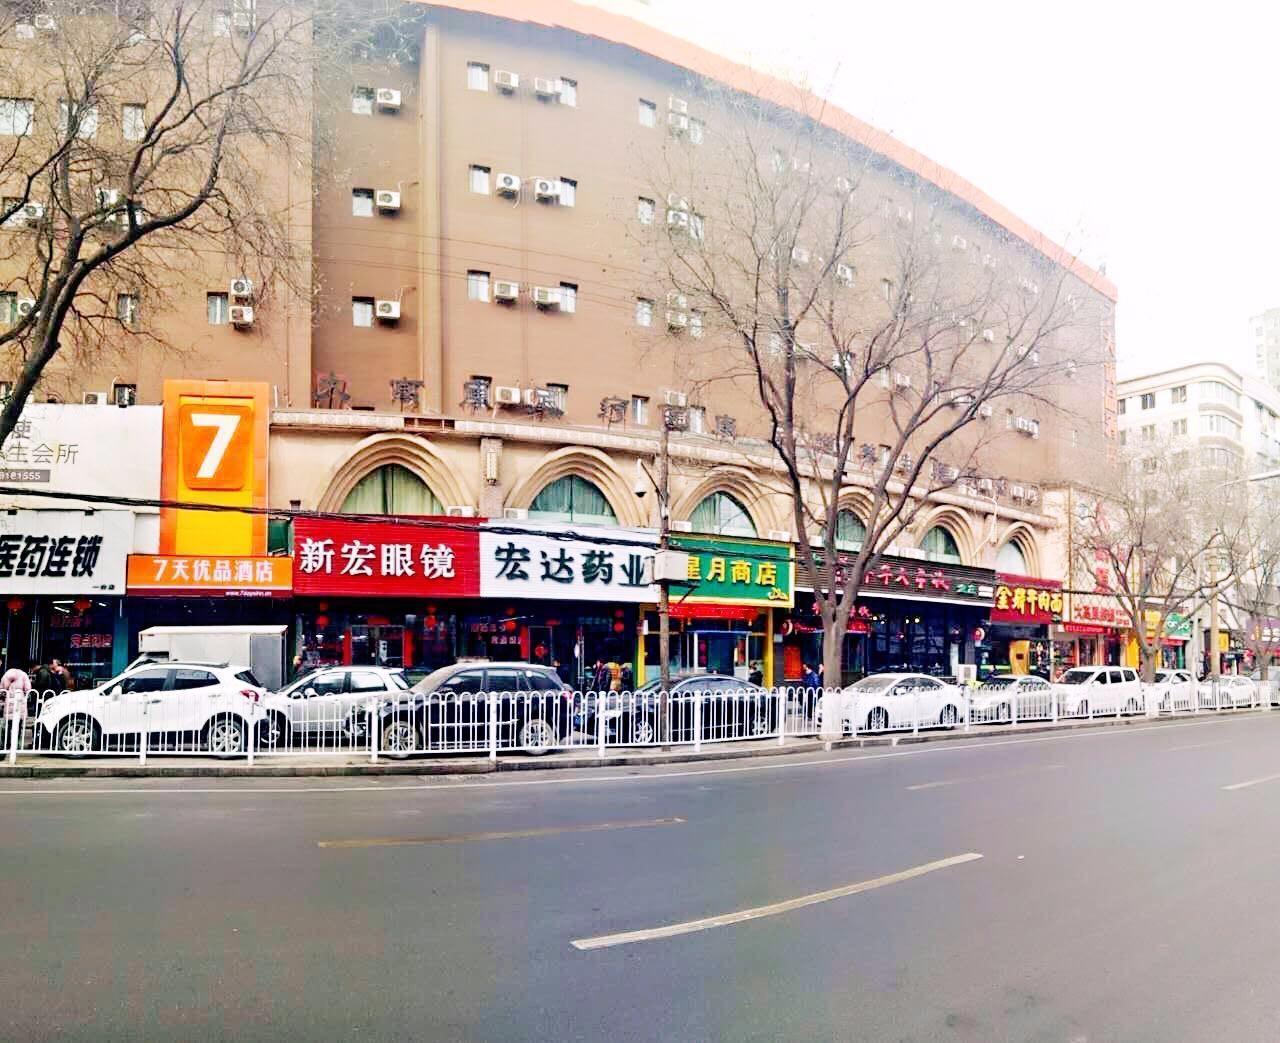 7 Days Premium�Lanzhou Xiguan Shizi